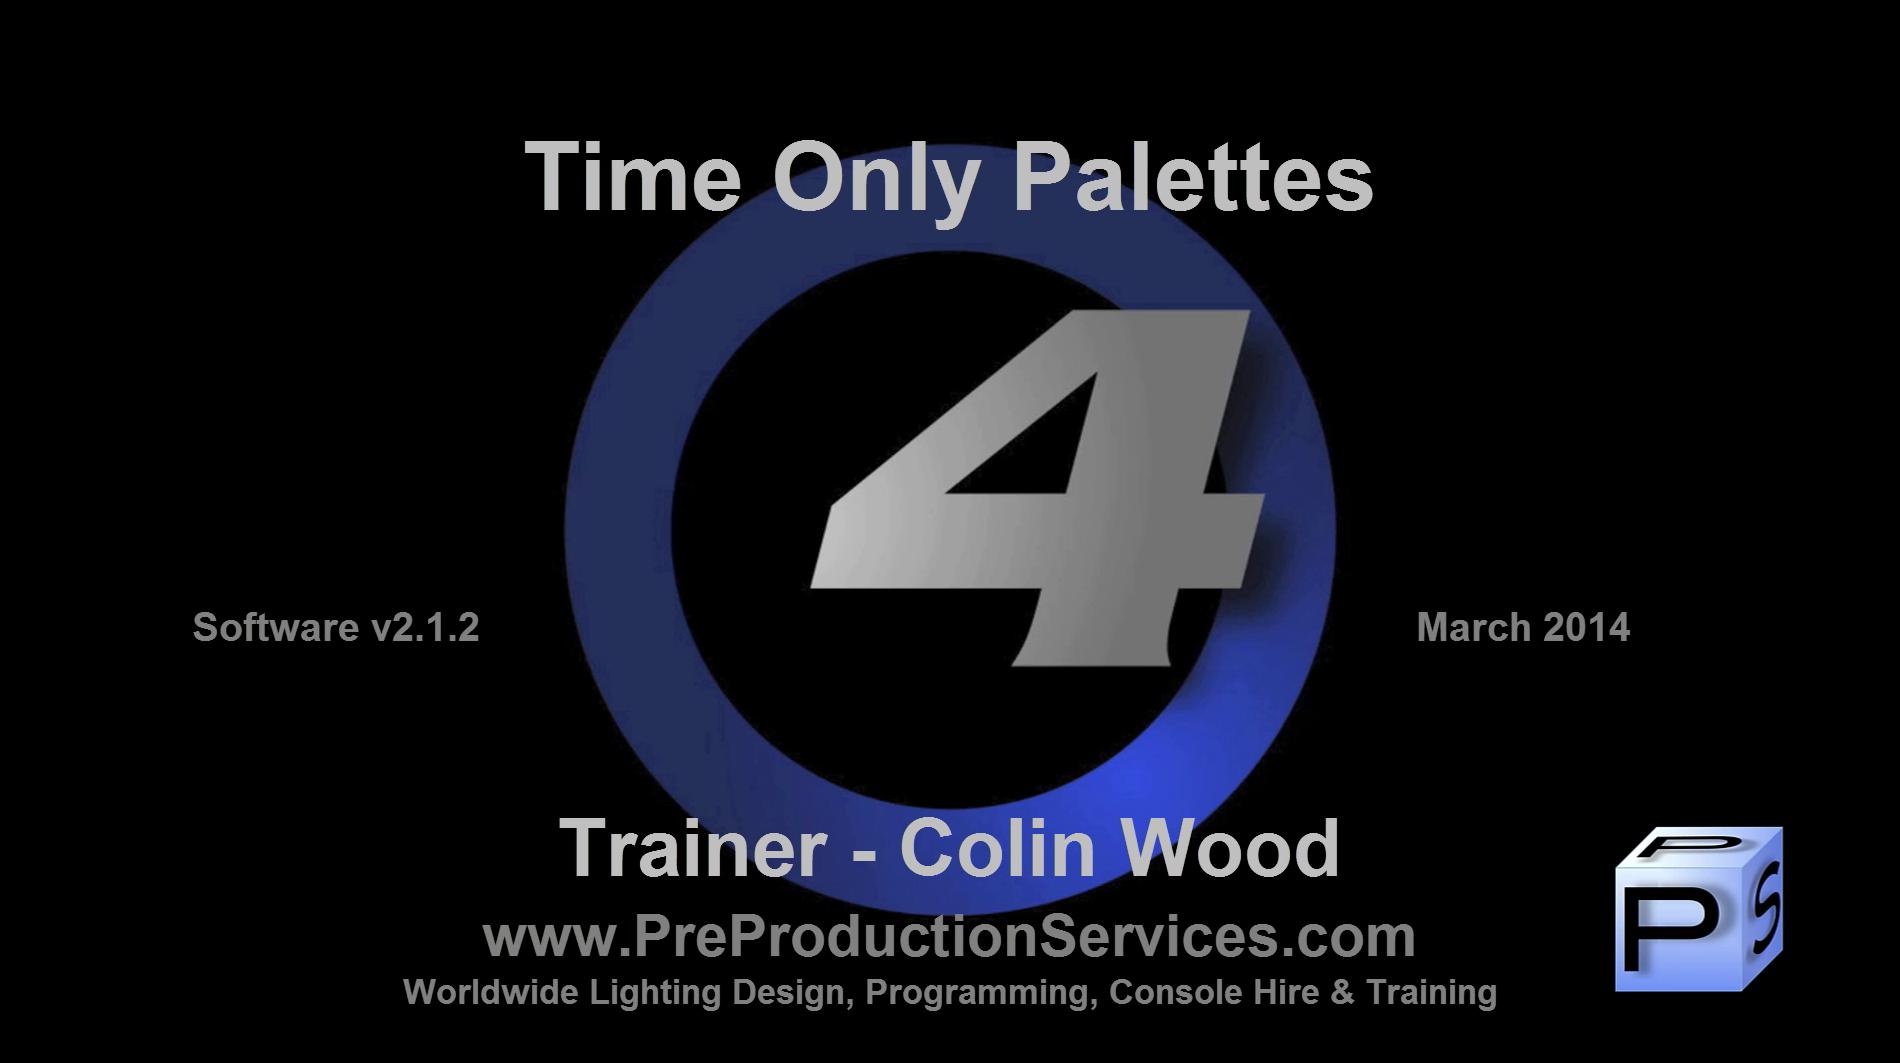 Colin Wood Triqueta Thumbnail.JPG